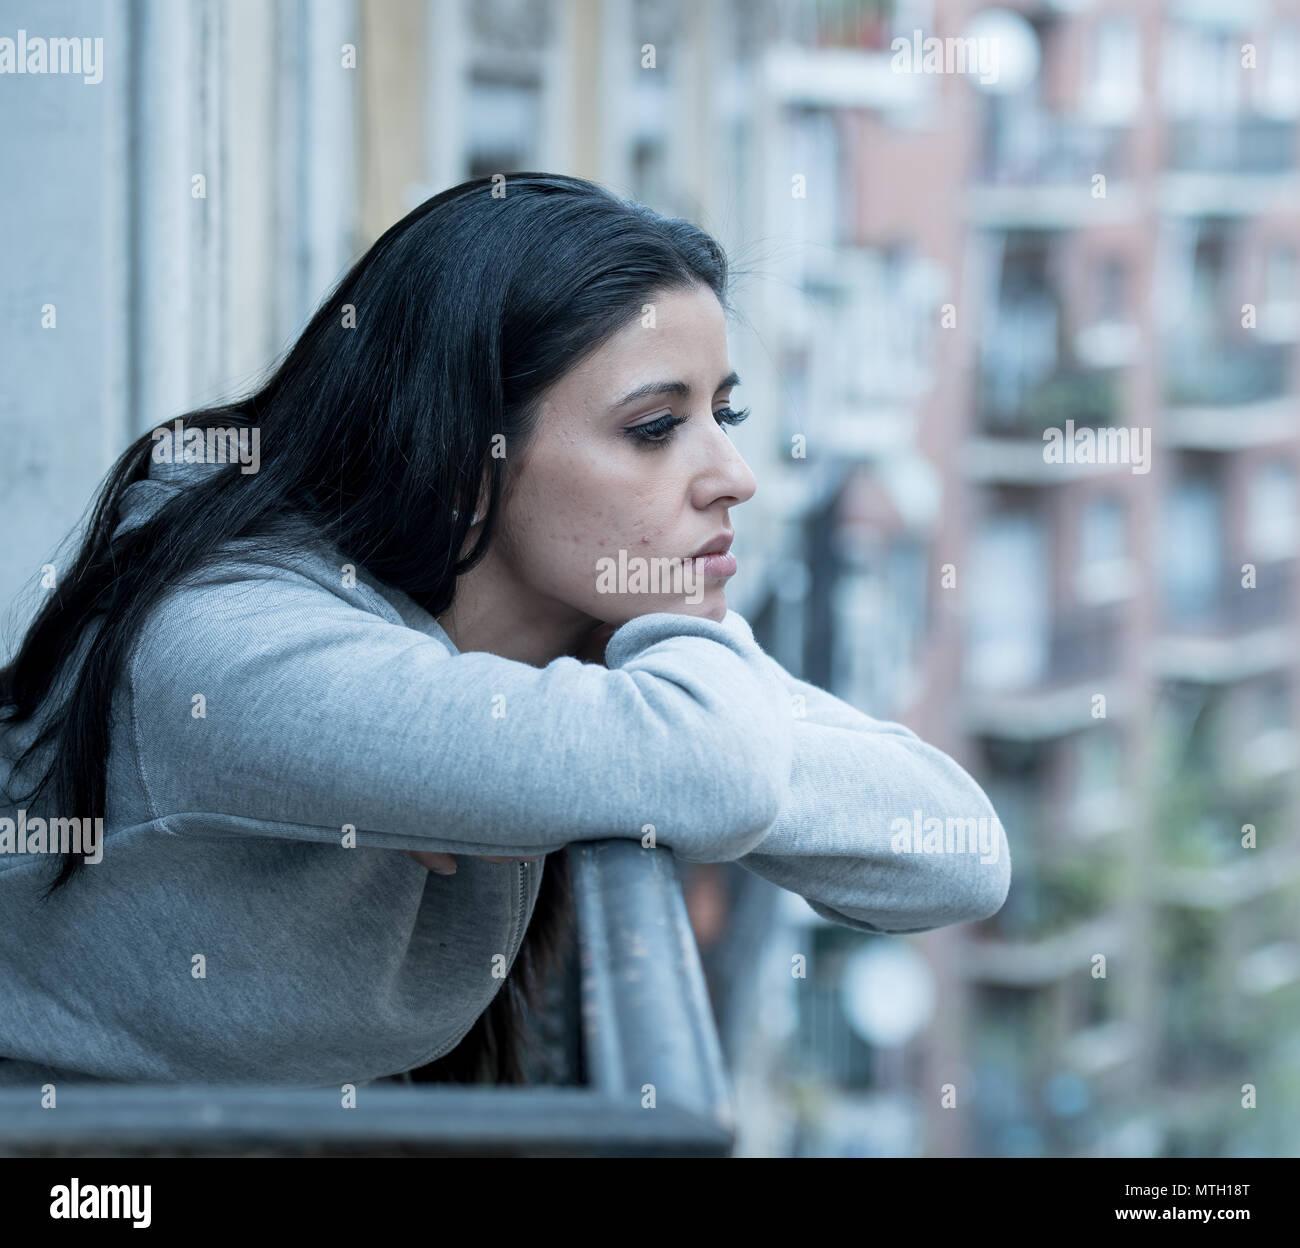 Belle Amérique enfoncée lonely woman staring out sentiment de tristesse, de douleur et de peur sur un balcon à la maison. Crise, la dépression et la notion de santé mentale Photo Stock